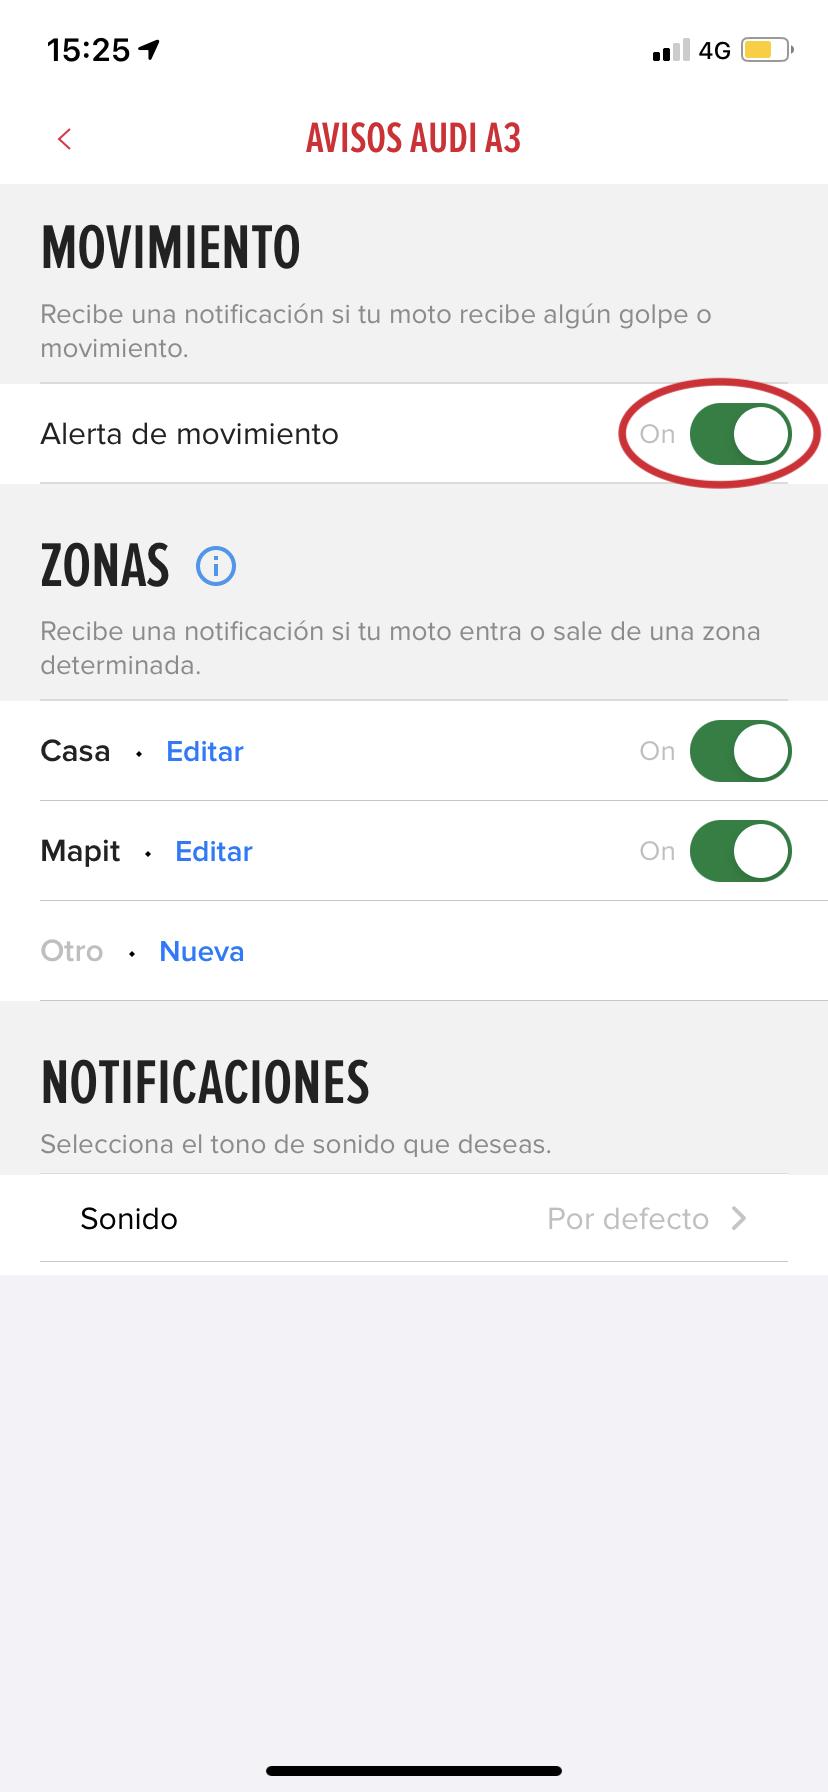 """Captura de pantalla de los ajustes de iPhone donde muestra la opción """"Alerta de movimiento"""" activada"""